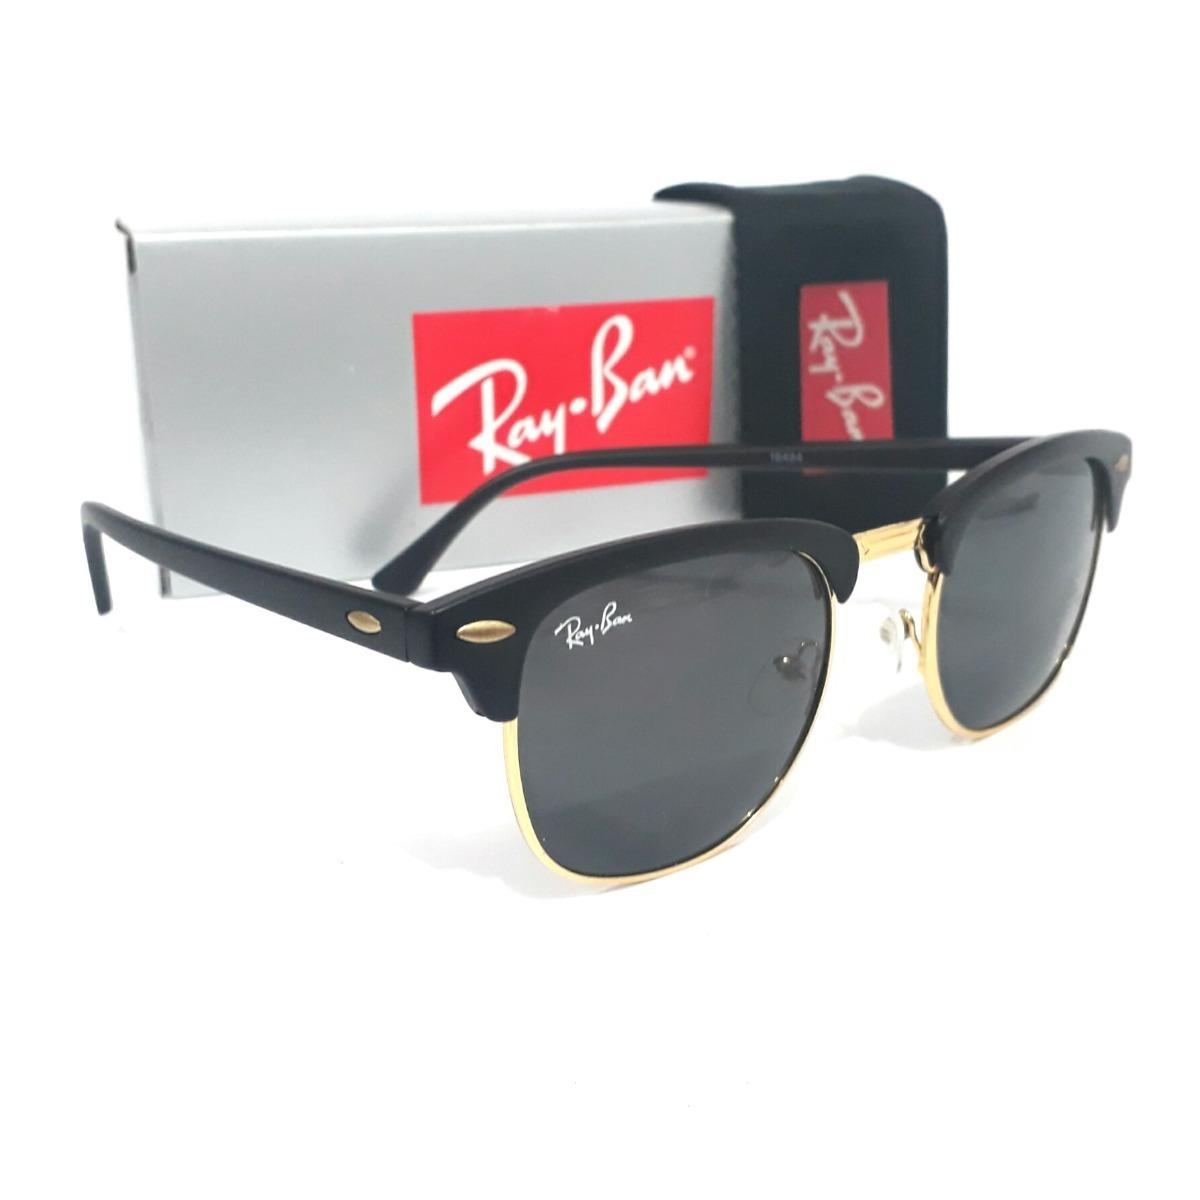 Óculos De Sol Ray Ban Clubmaster Preto Rb3016l 51-21 - R  147,90 em ... d5e672cde6